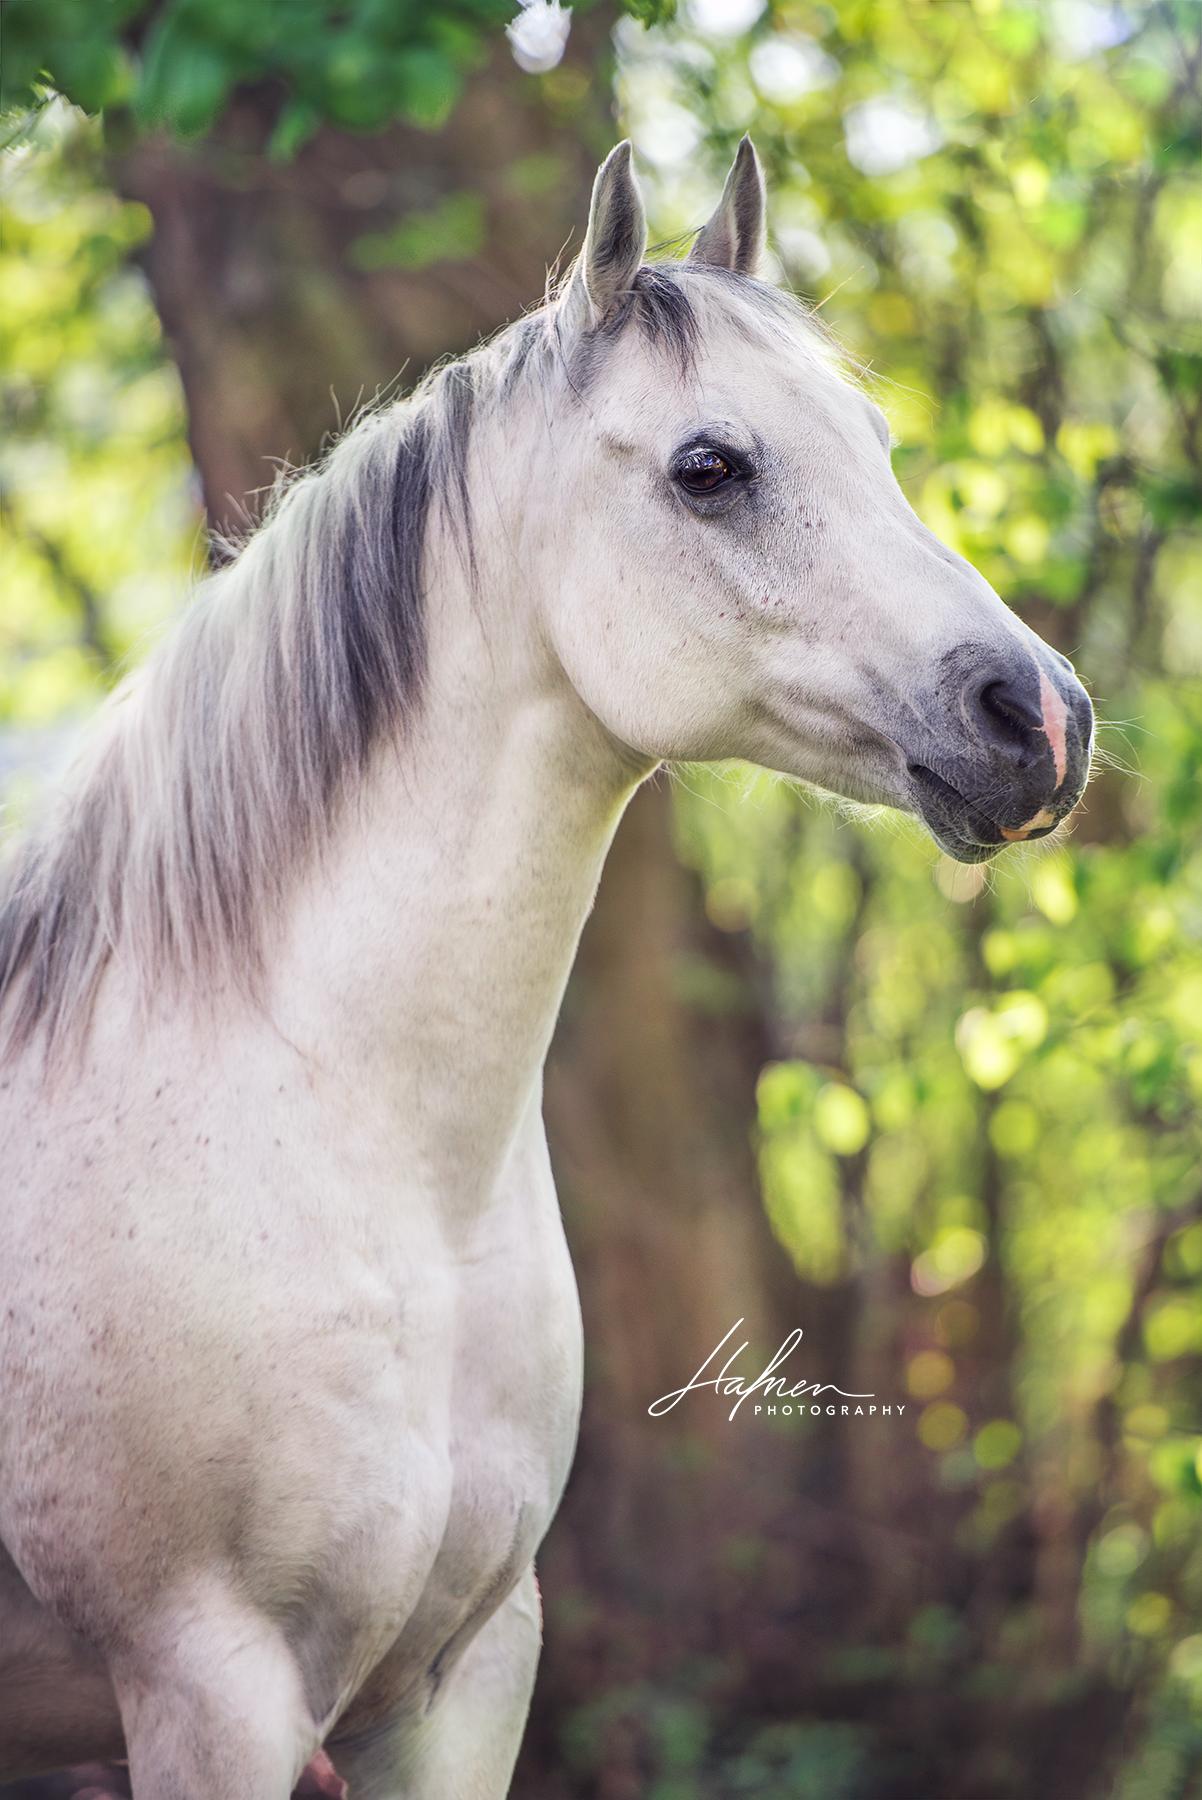 Weisser Araber Im Portrait Schimmel Pferd Bilder Foto Fotografie Fotoshooting Pferdefotografie Pfe Horses Beautiful Arabian Horses Horse Photos